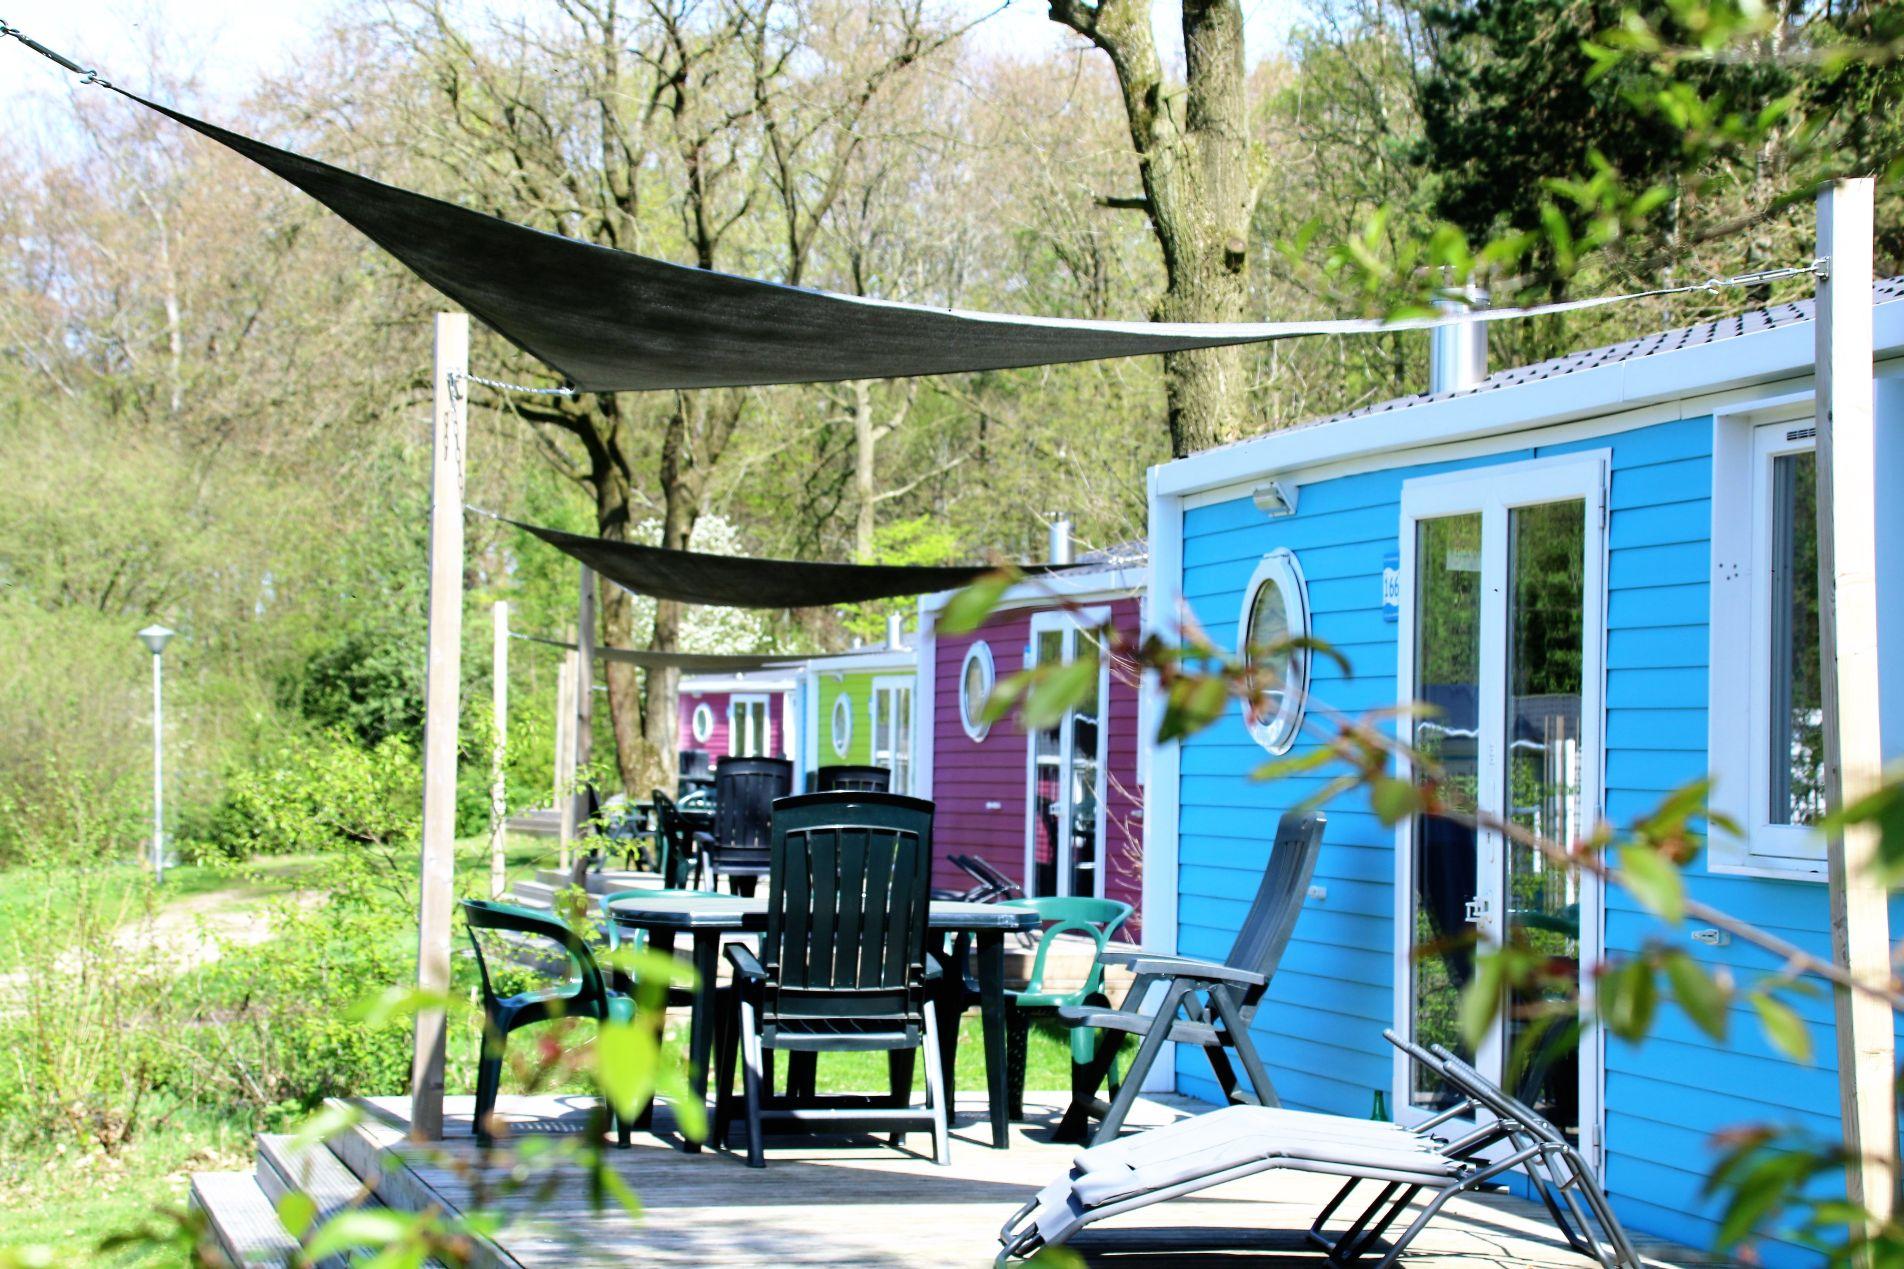 Stacaravan huren in Overijssel bij Vakantiepark het Stoetenslagh - Stacaravan huren in Overijssel NL